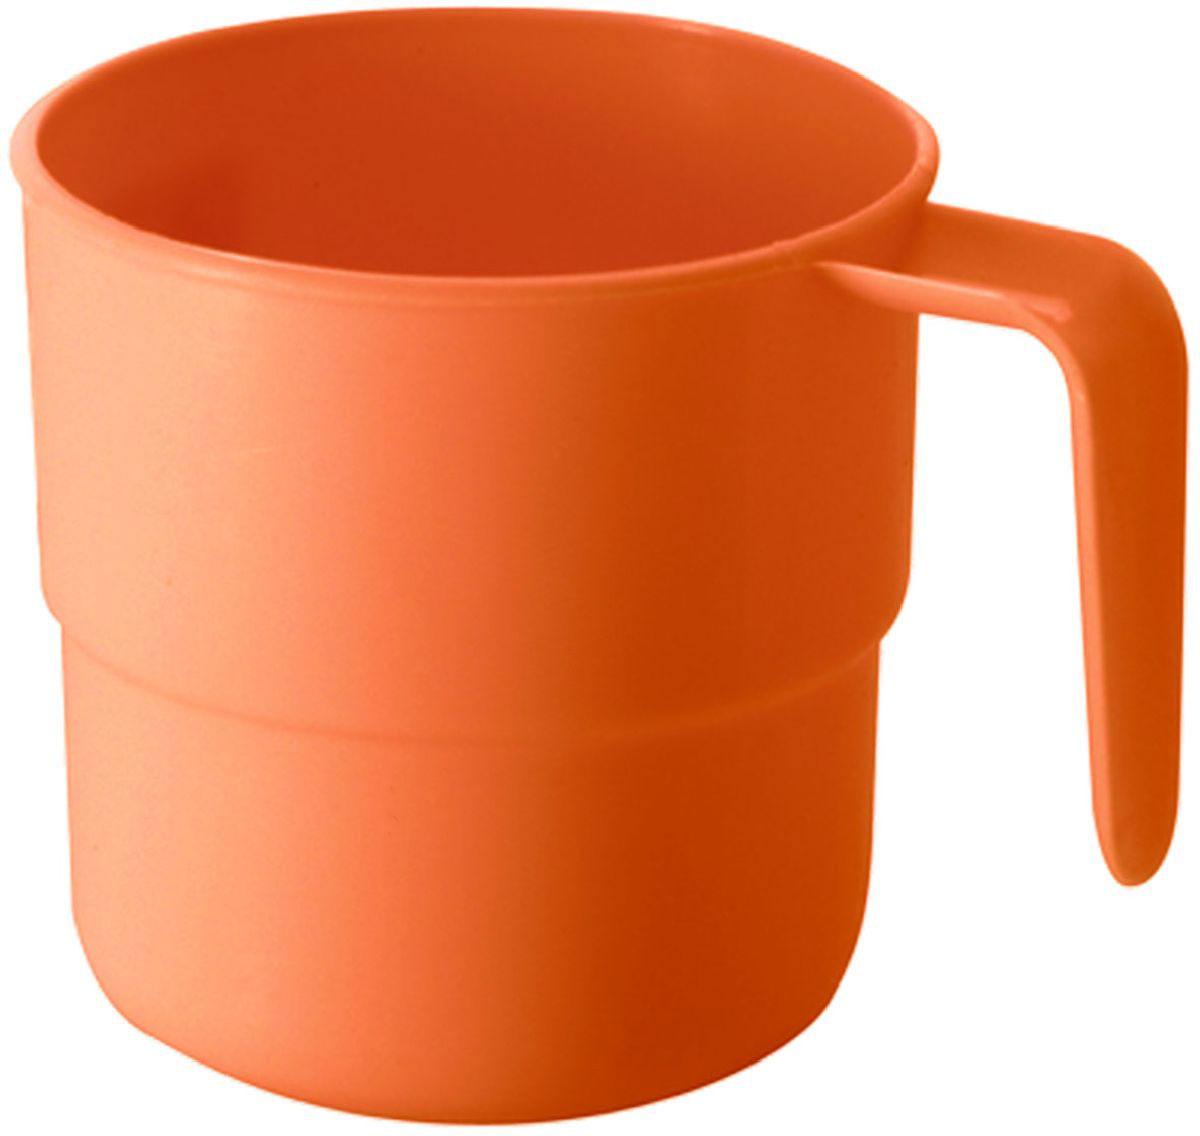 Кружка Plastic Centre, цвет: оранжевый, 250 млПЦ1430МНДКружка кемпинговая прекрасно подойдет для дачи, пикника или поездки в поезде. Легкую кружку удобно взять с собой на природу. Прочный пластик подходит для многократного использования.Объем кружки: 250 мл.Размер кружки: 10,5 х 8 см.